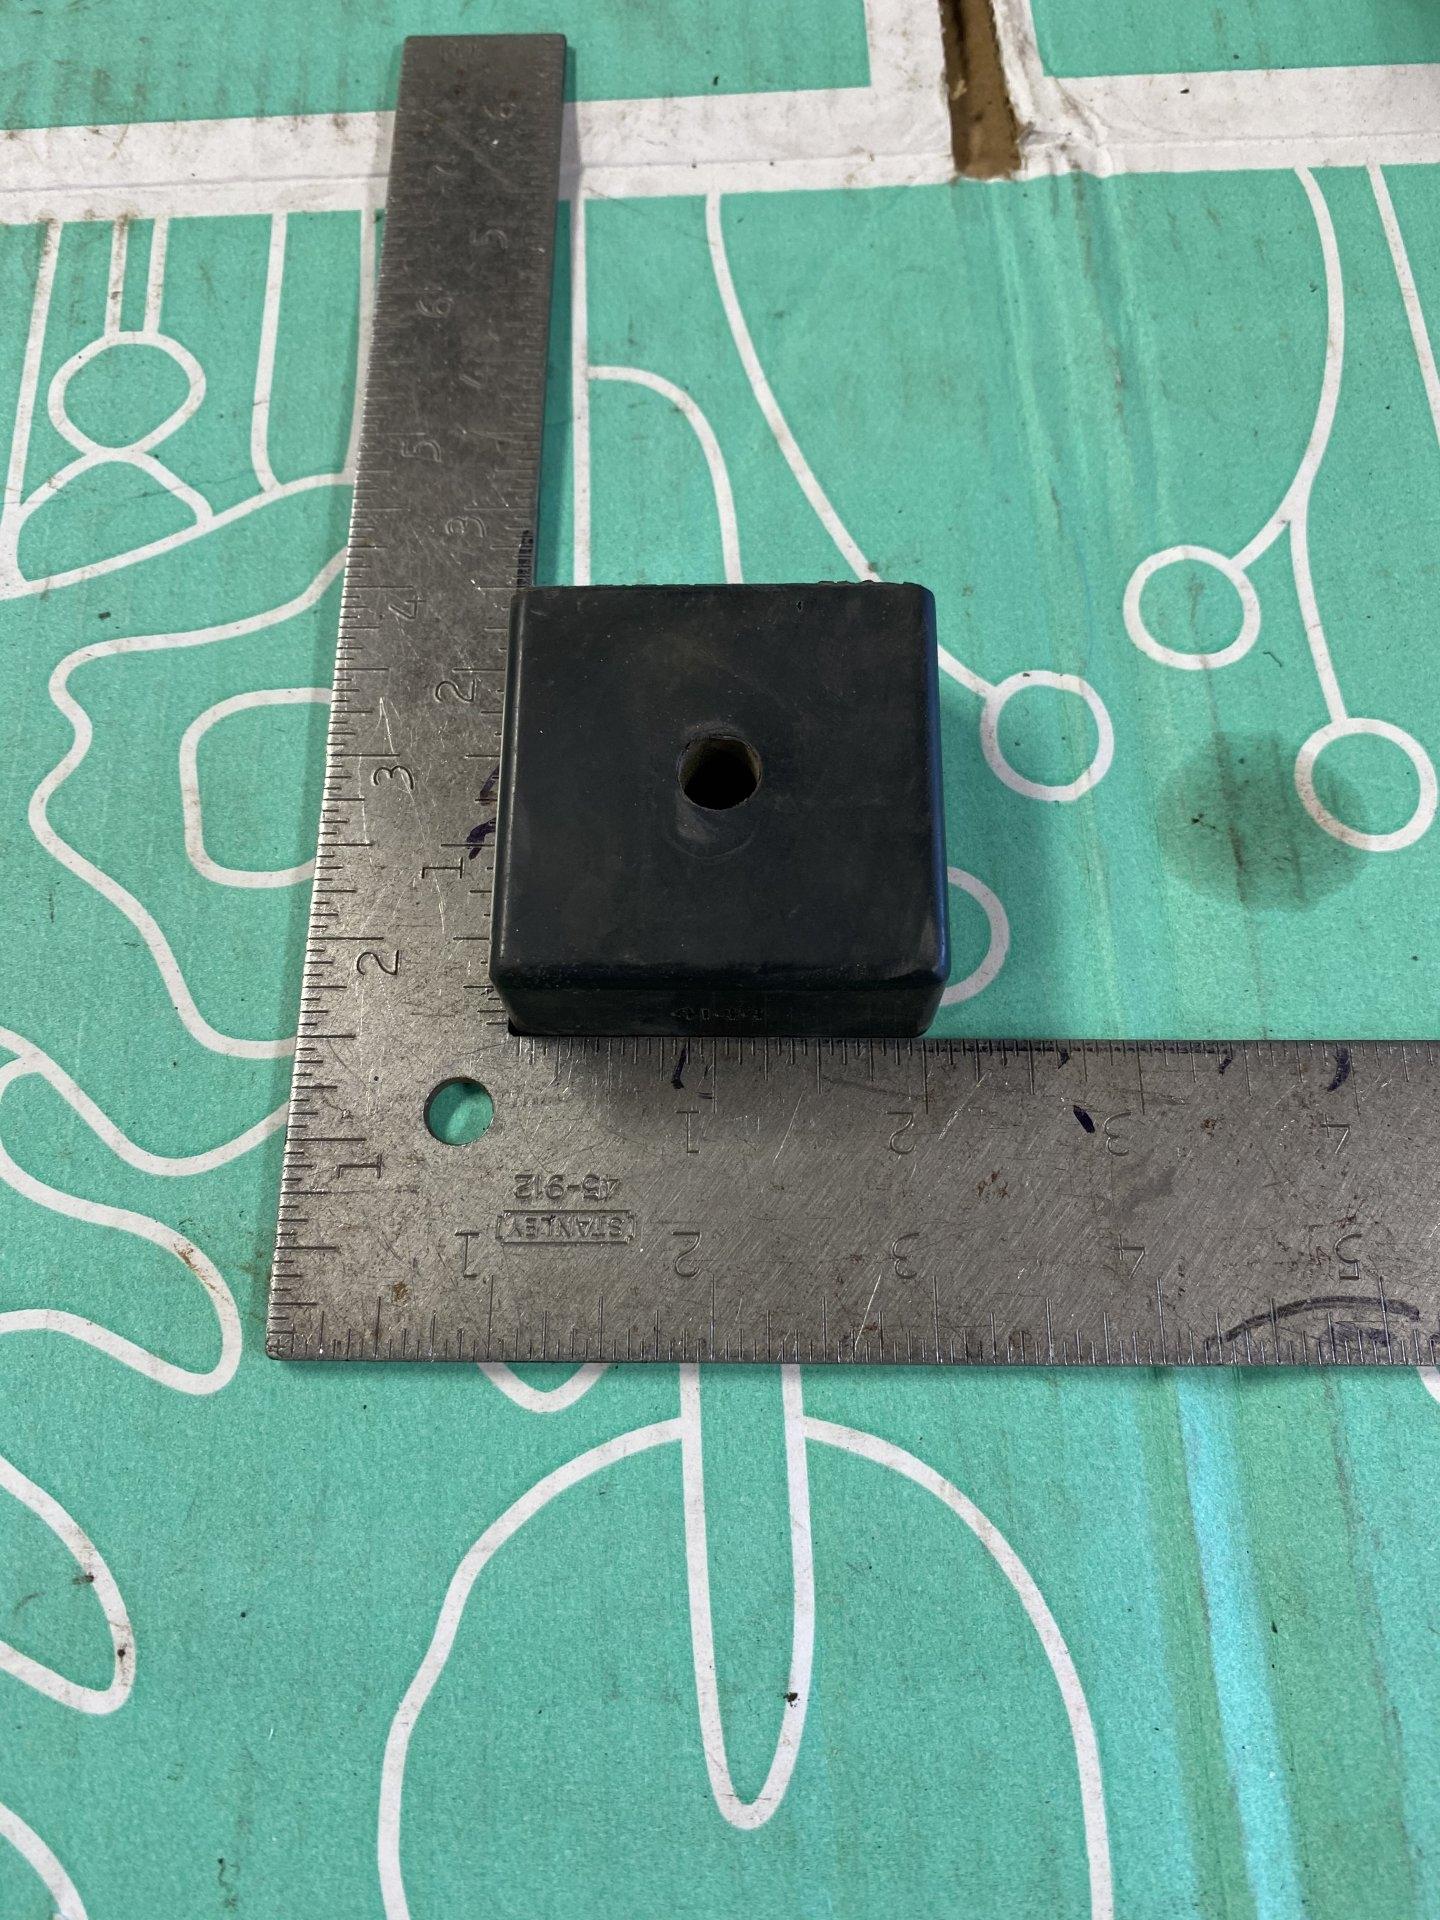 1827870A-41EC-486D-86A3-A84F3A0560D3.jpeg